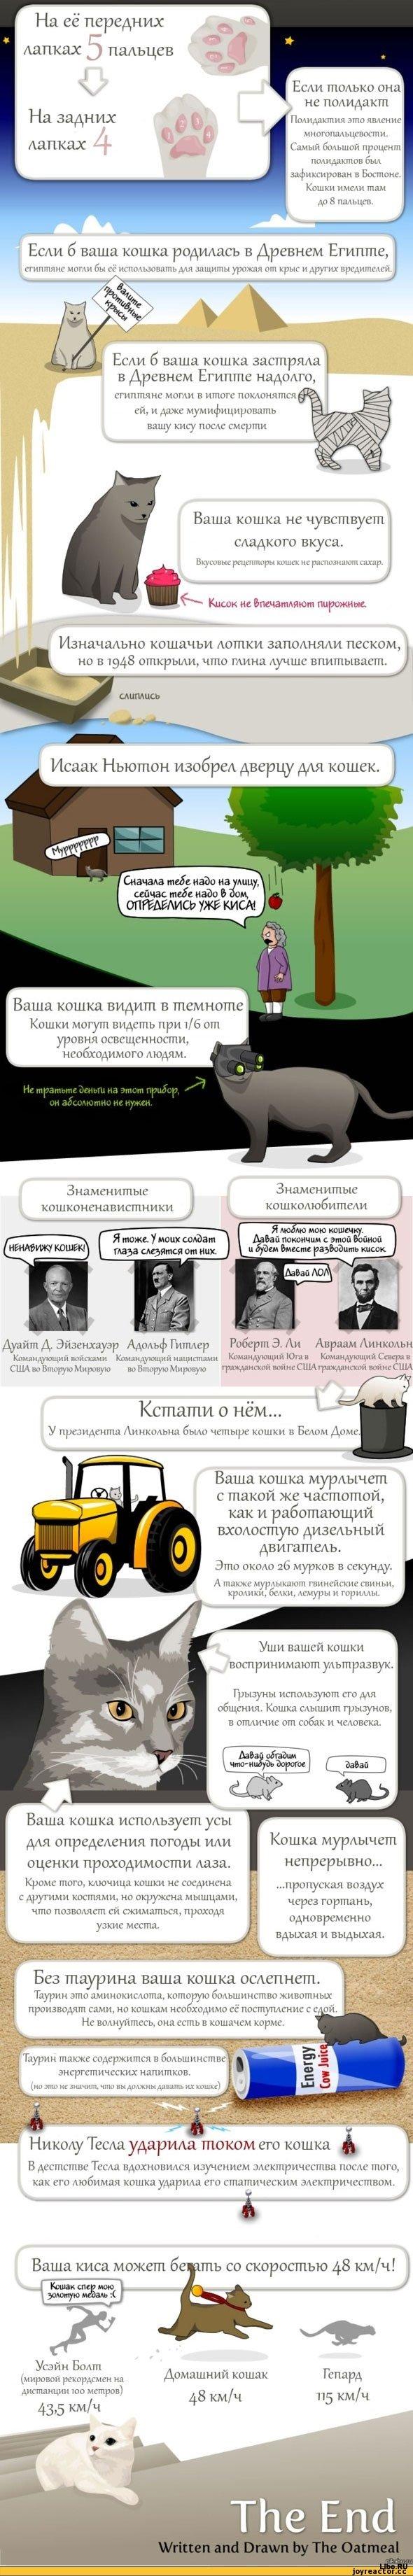 17 фактов о кошках